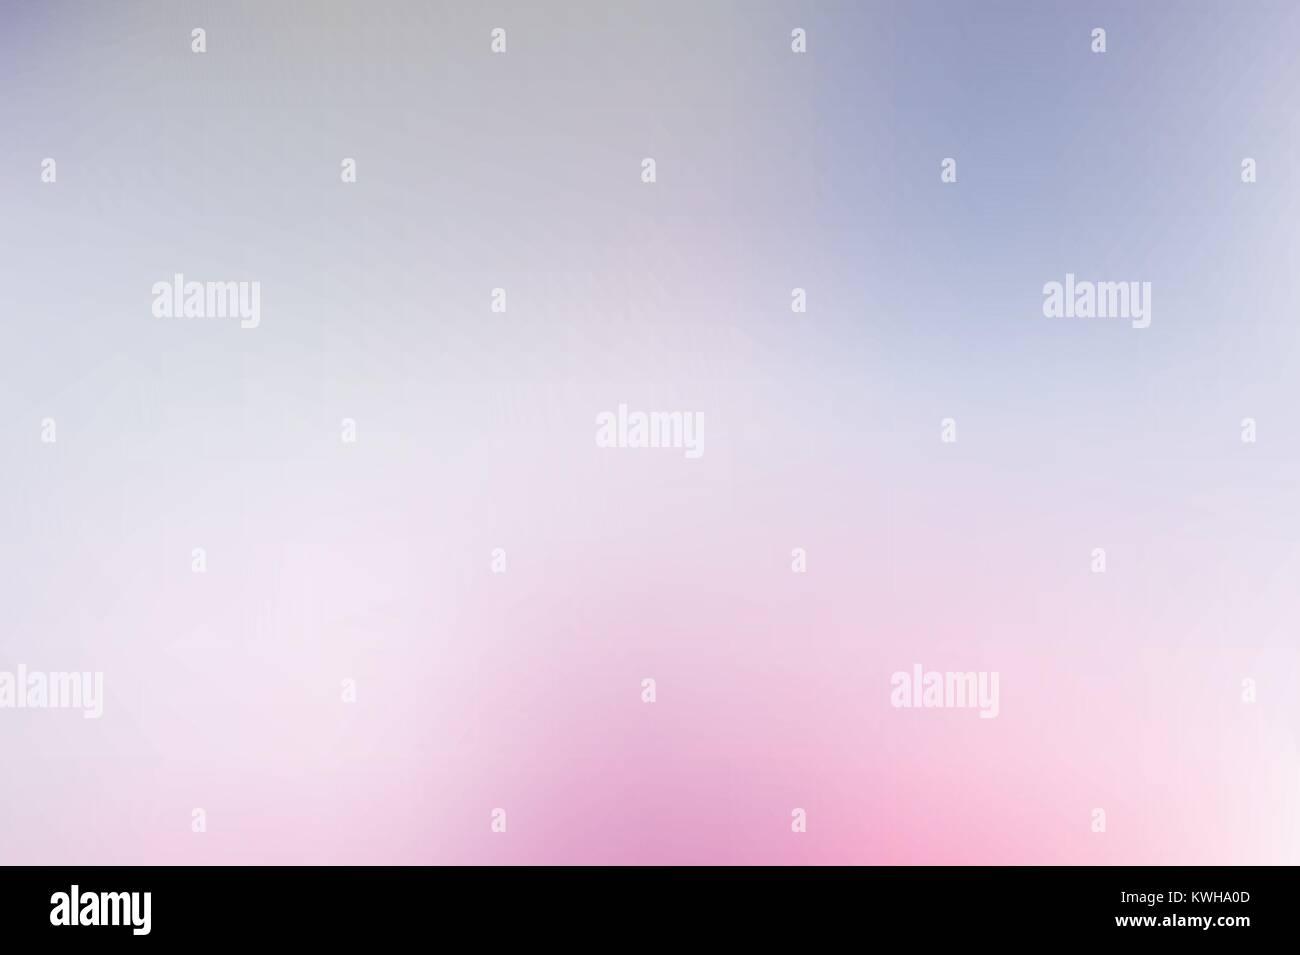 Sfondi Sfumati Immagini Sfondi Sfumati Fotos Stock Alamy